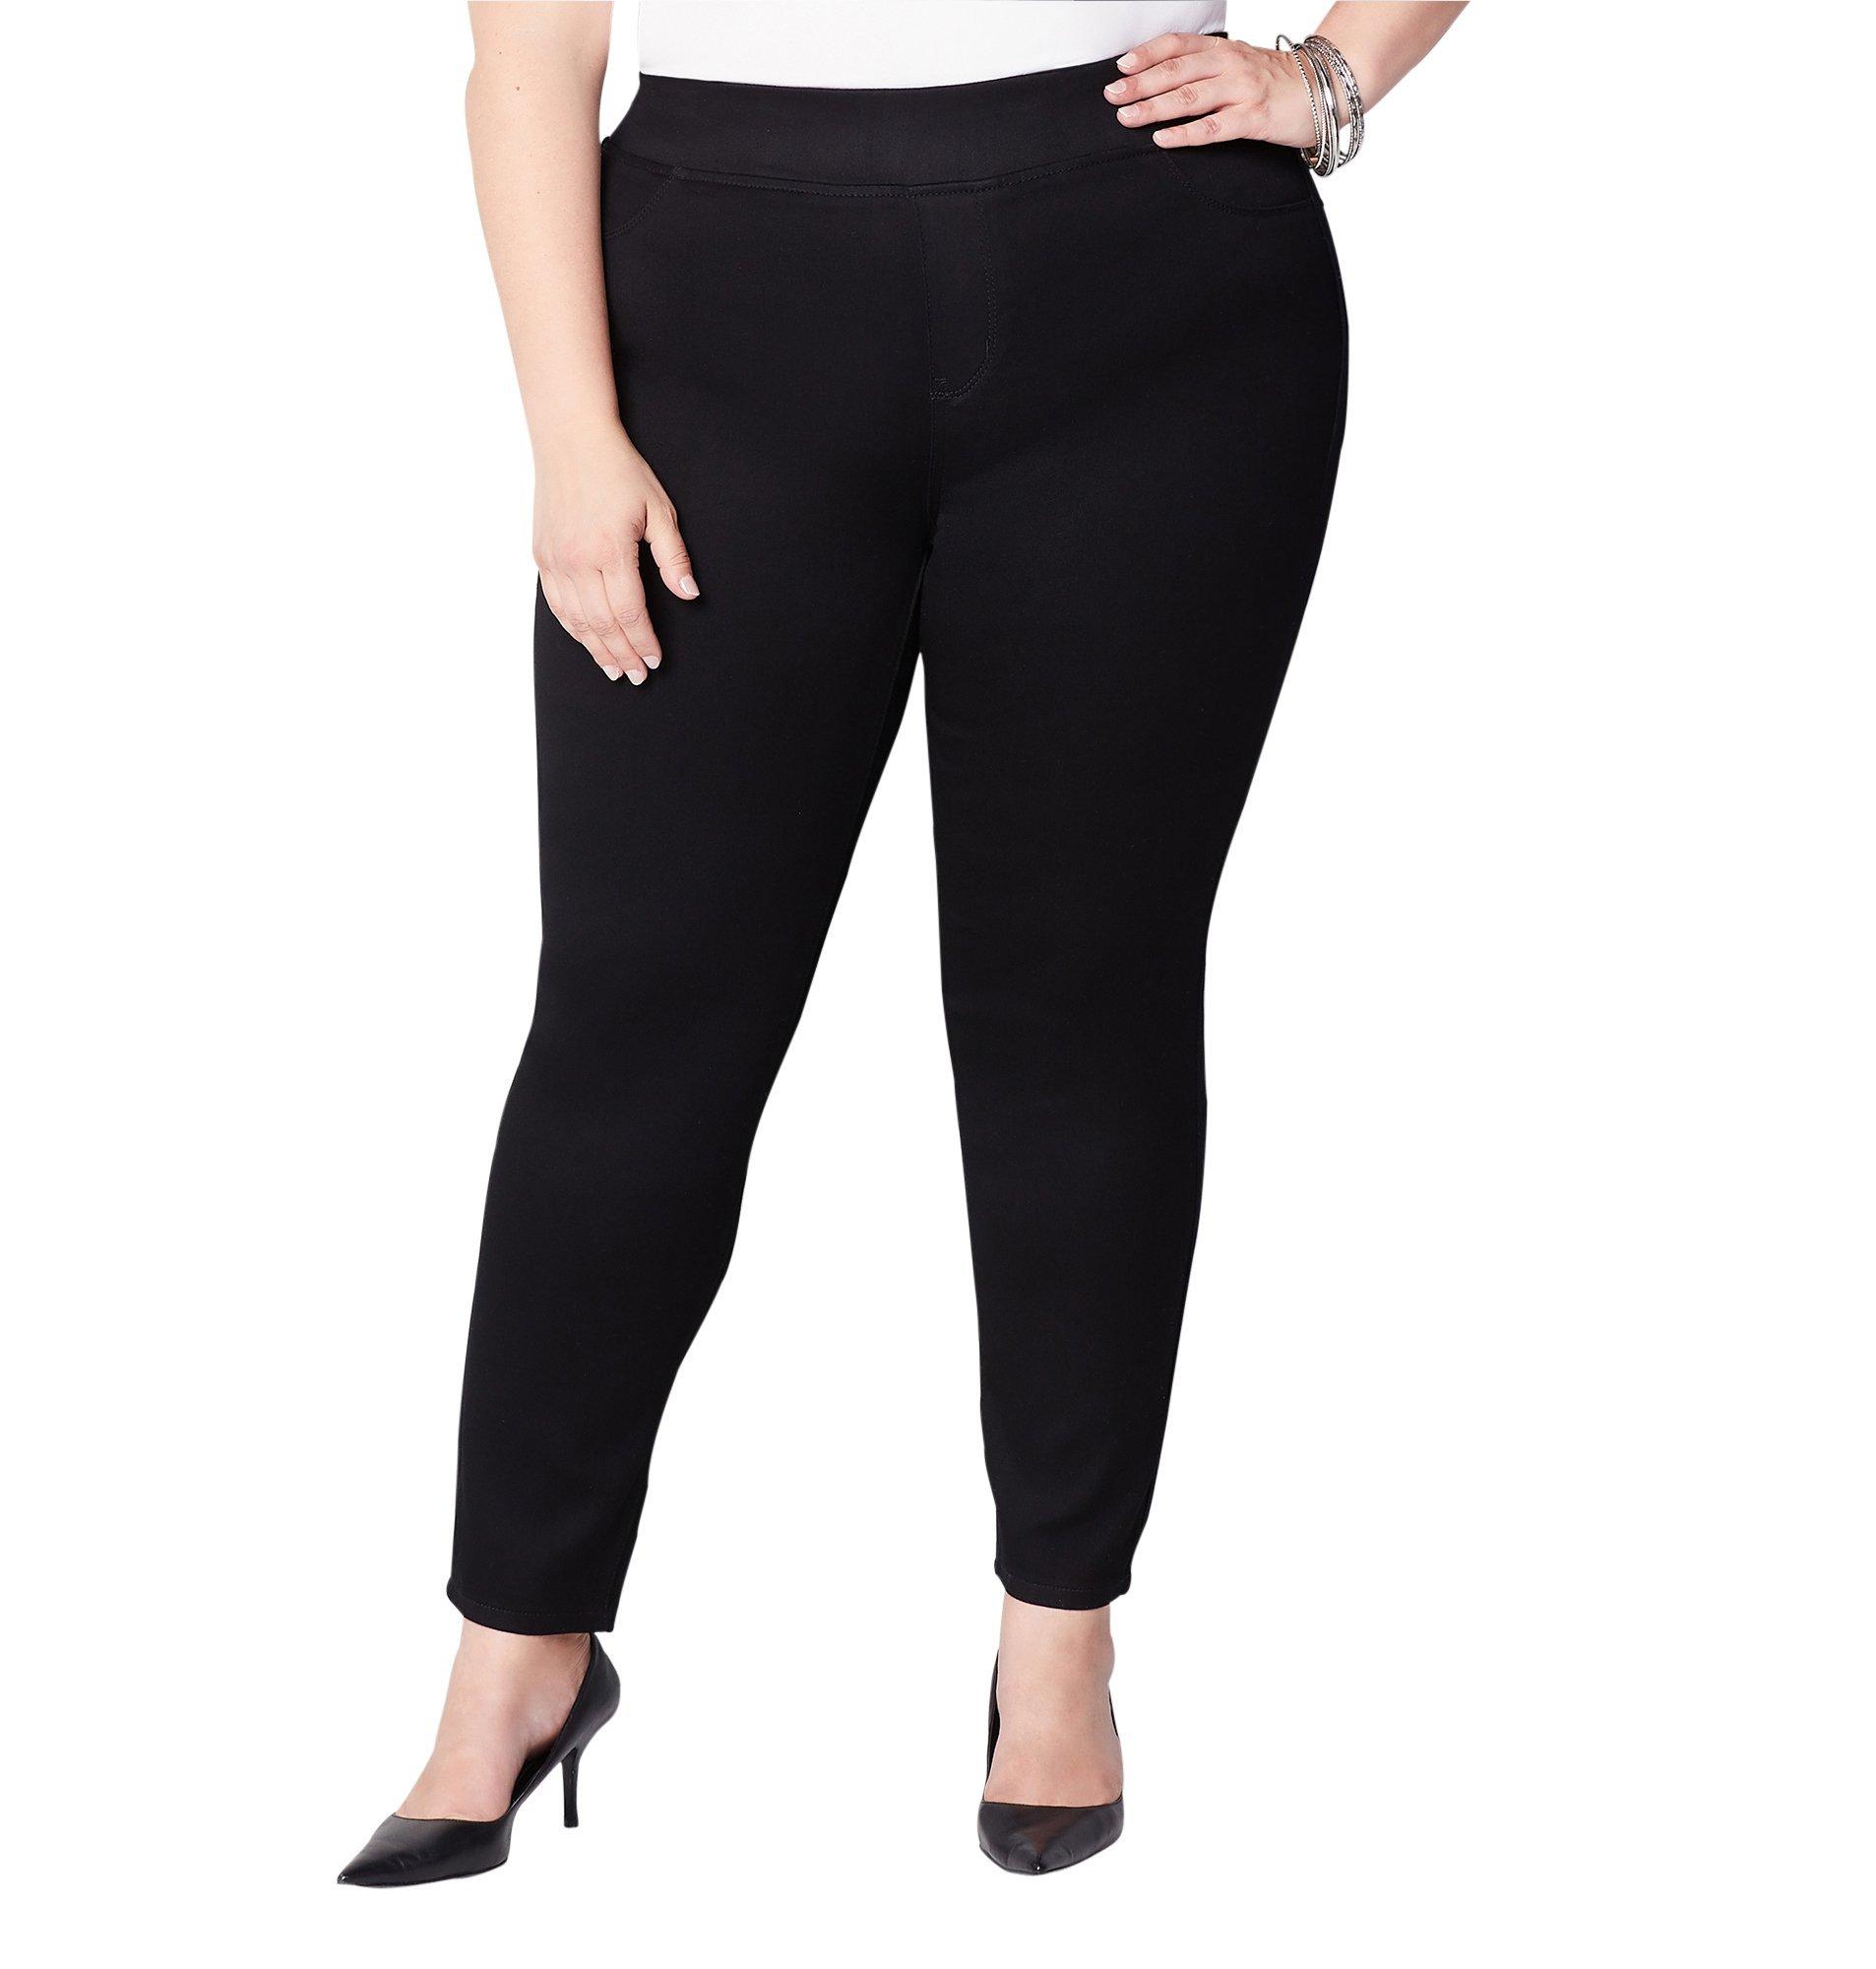 Avenue Women's Butter Denim Pull-On Skinny Jean in Black, 16 Black